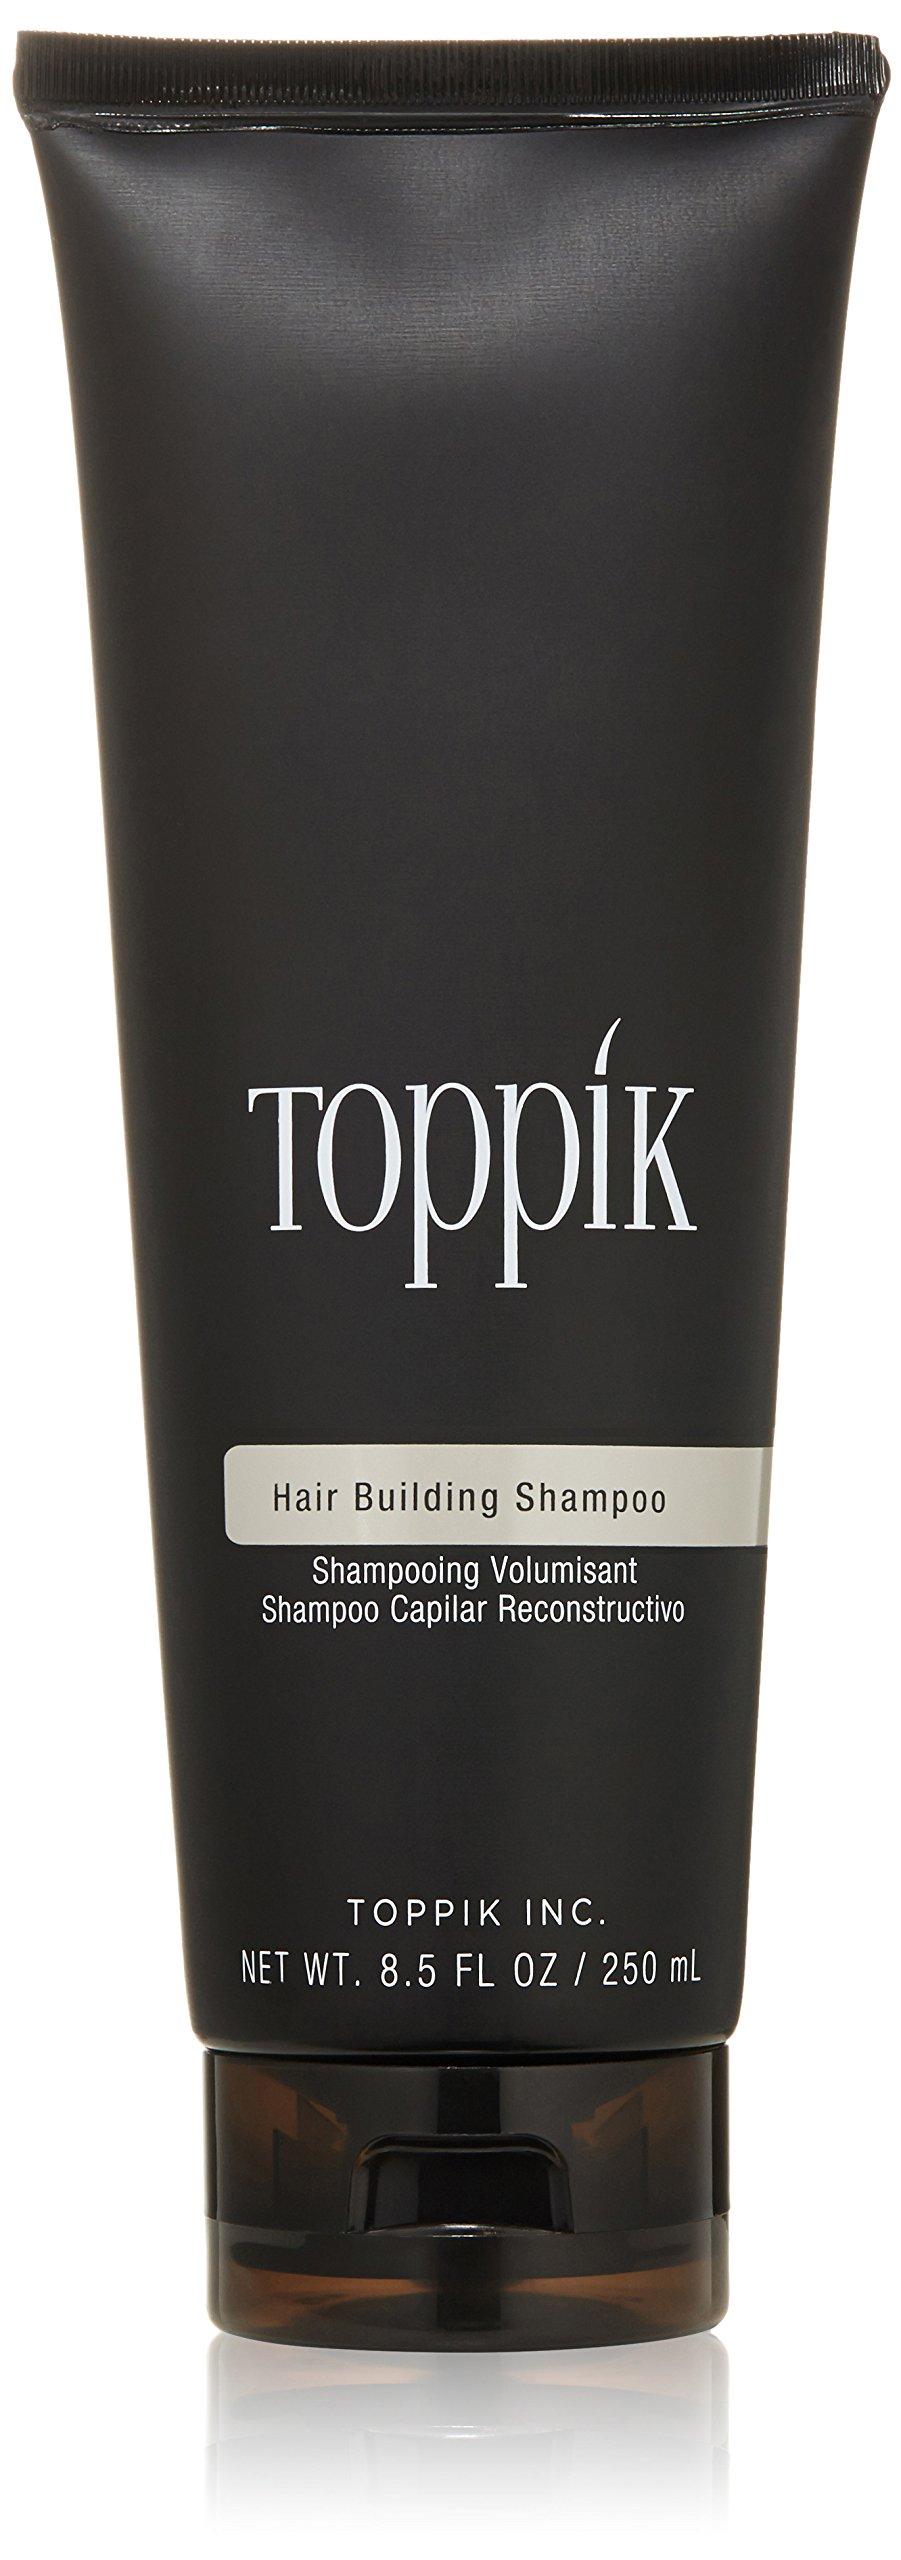 TOPPIK Hair Building Shampoo, 8.5 fl. oz.